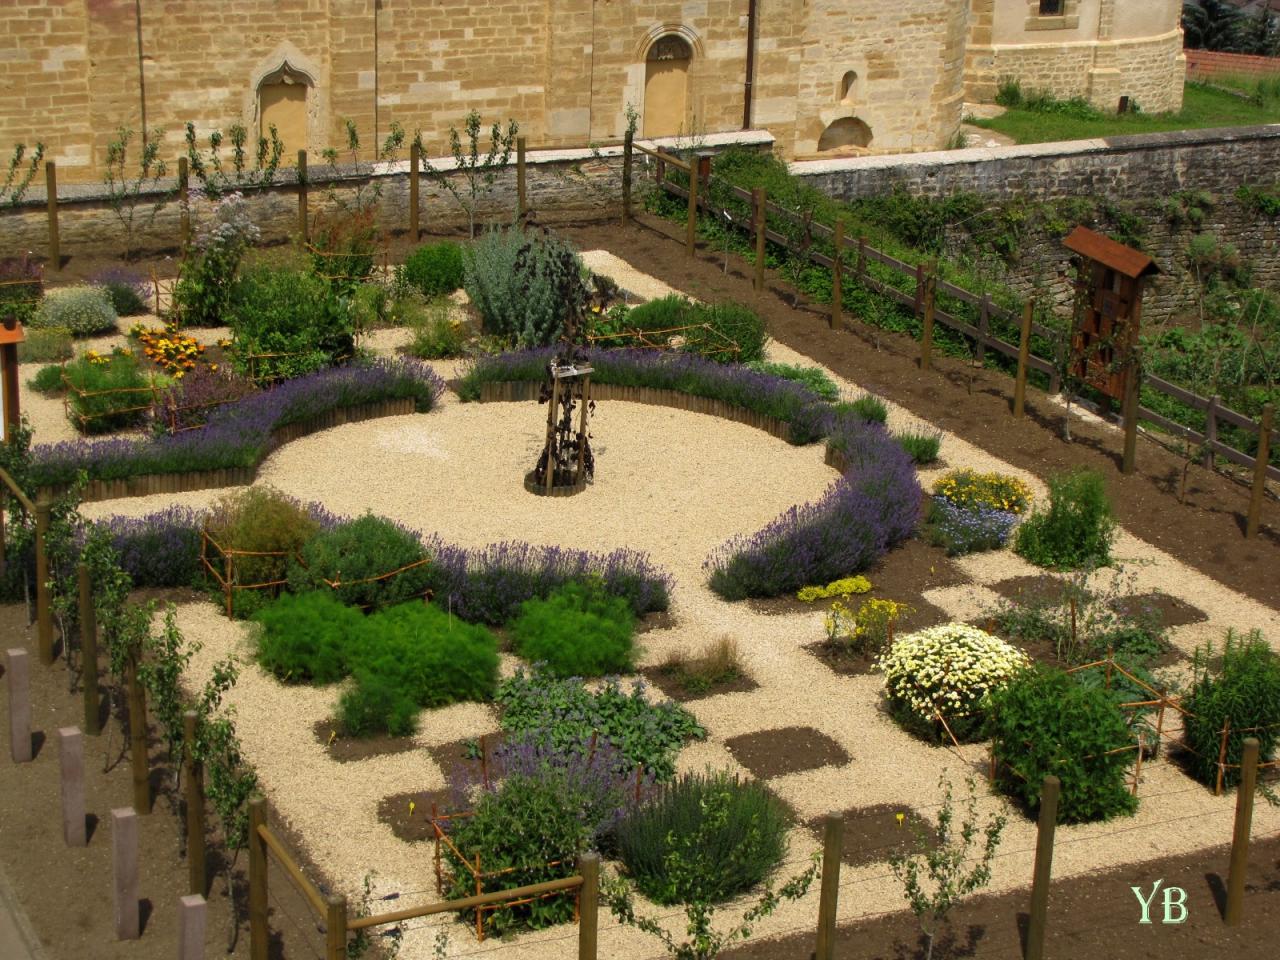 jardin herballlurius vu d'en haut.